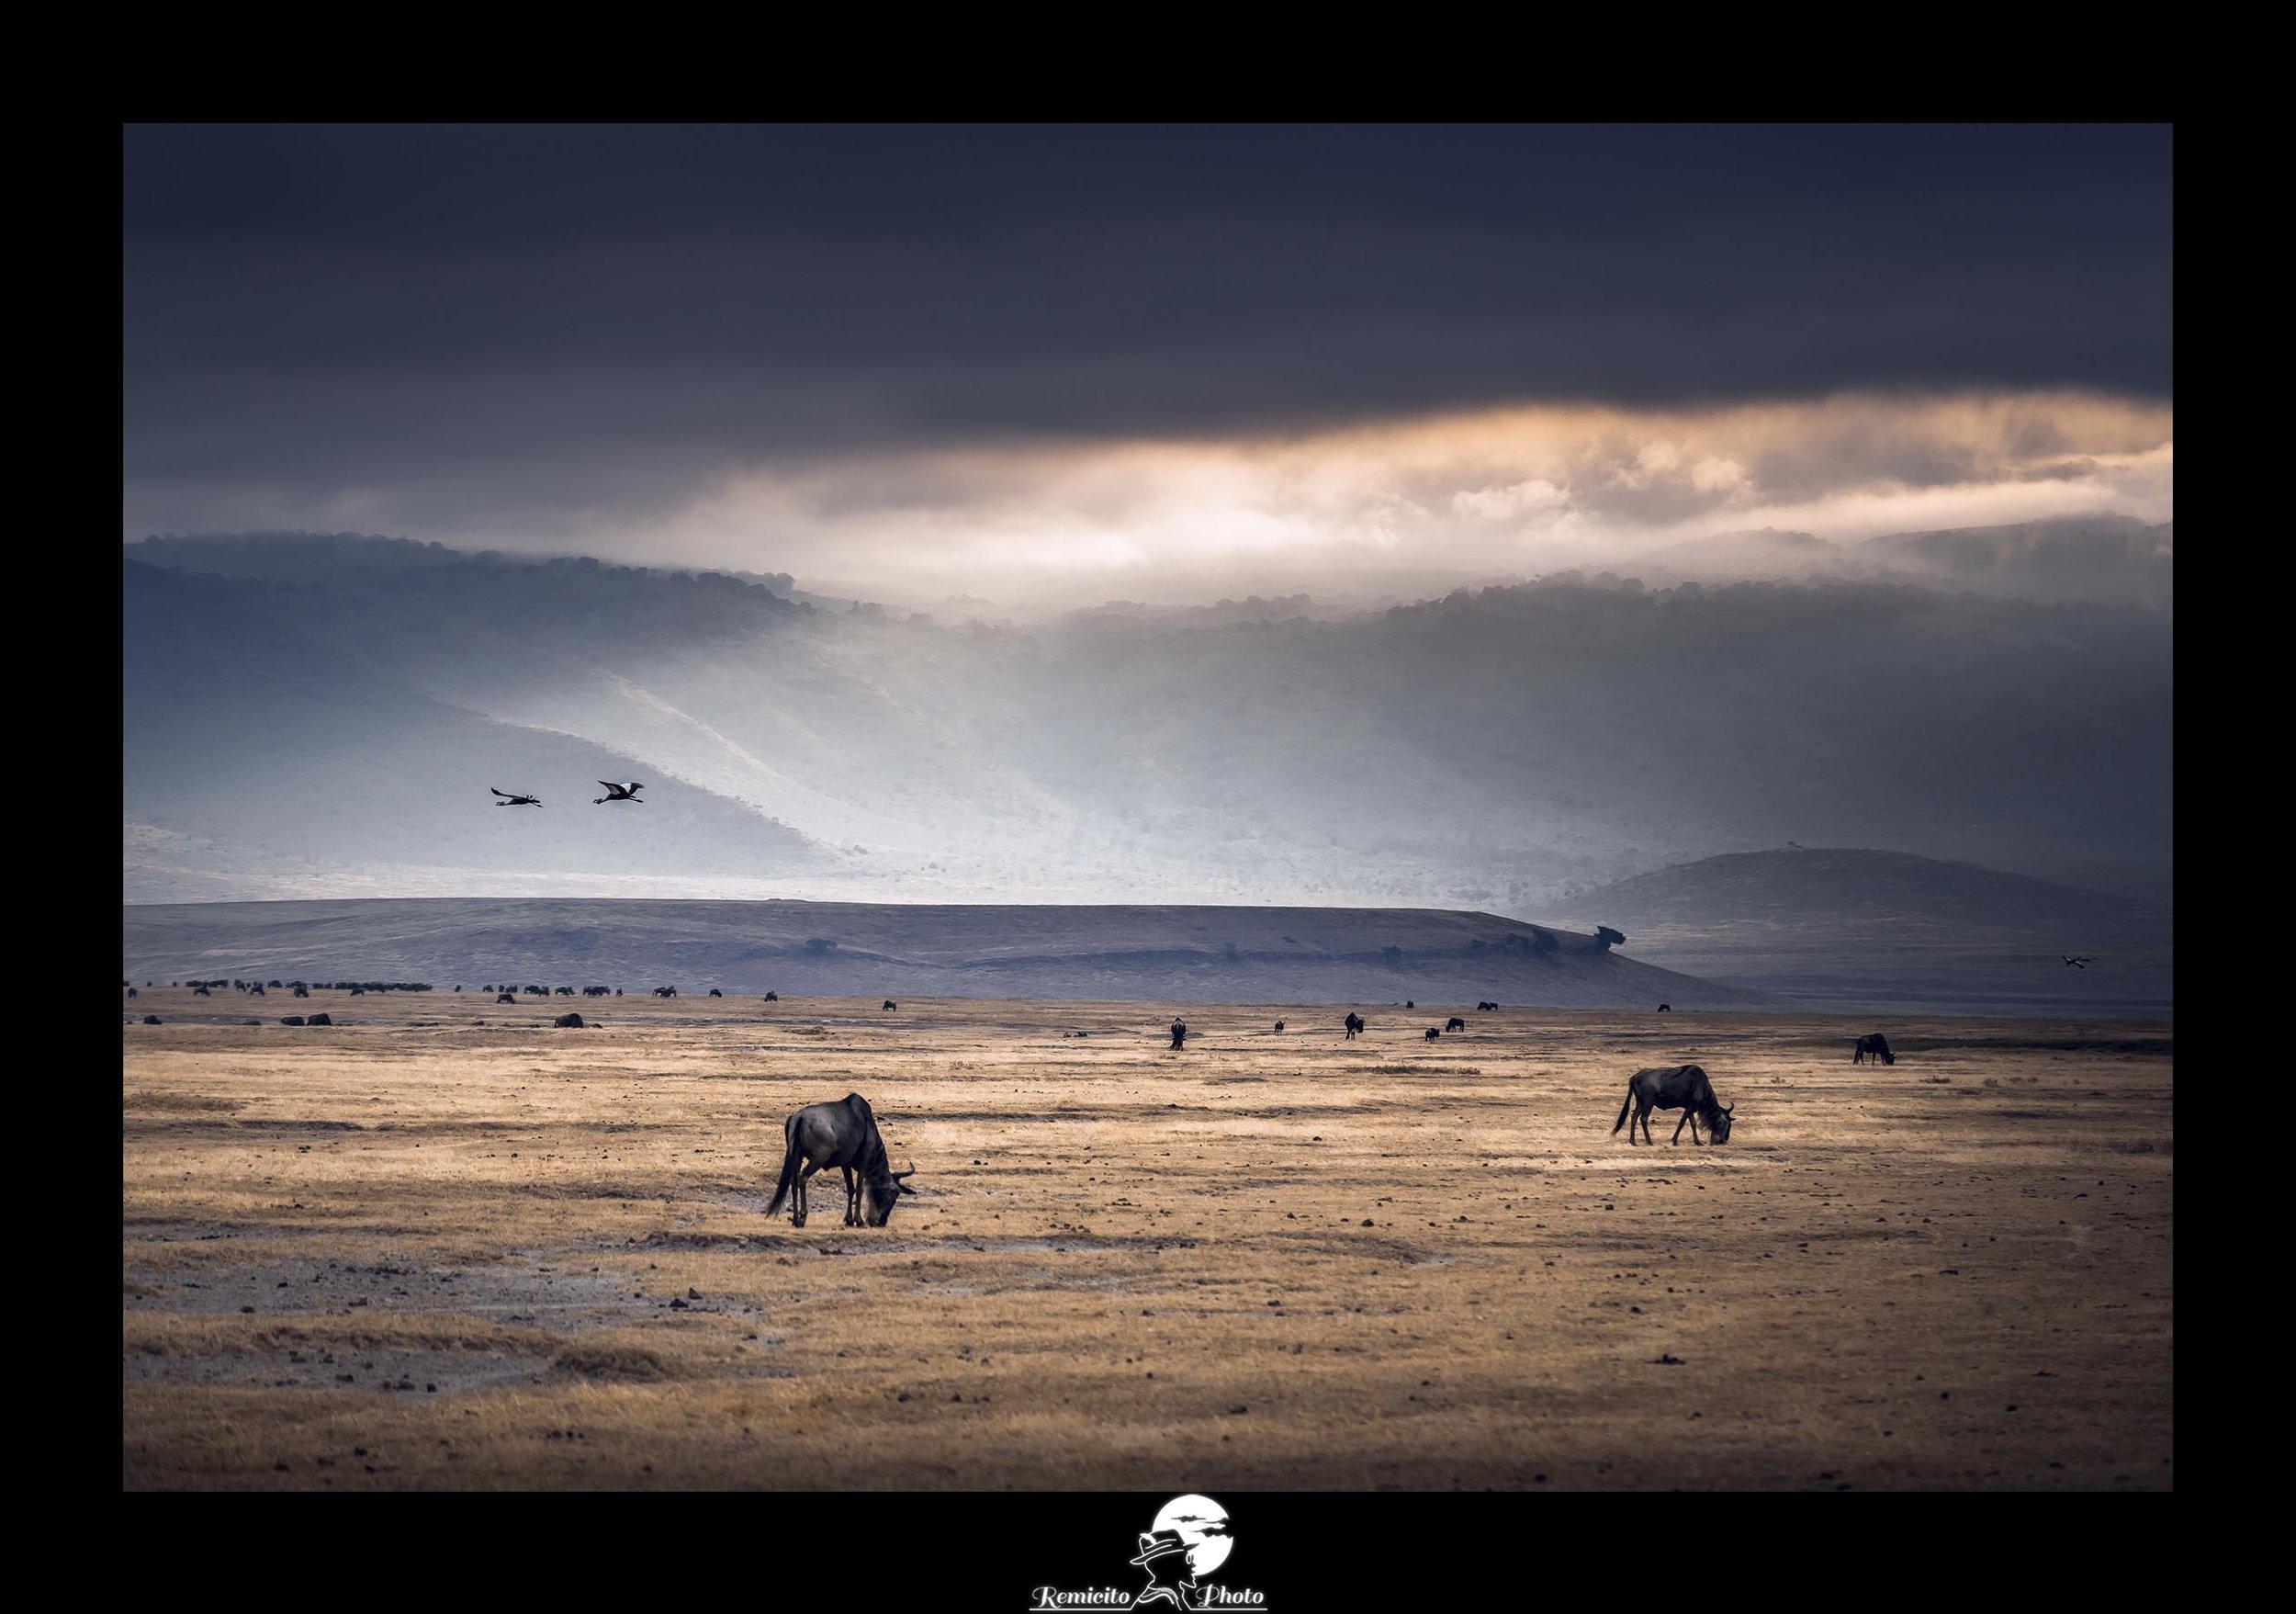 Remicito photo, remicito, image du jour, photo du jour, belle photo remicito rémi lacombe photographe voyage, cratère de ngorongoro belle photo idée cadeau, animaux tanzanie safari afrique